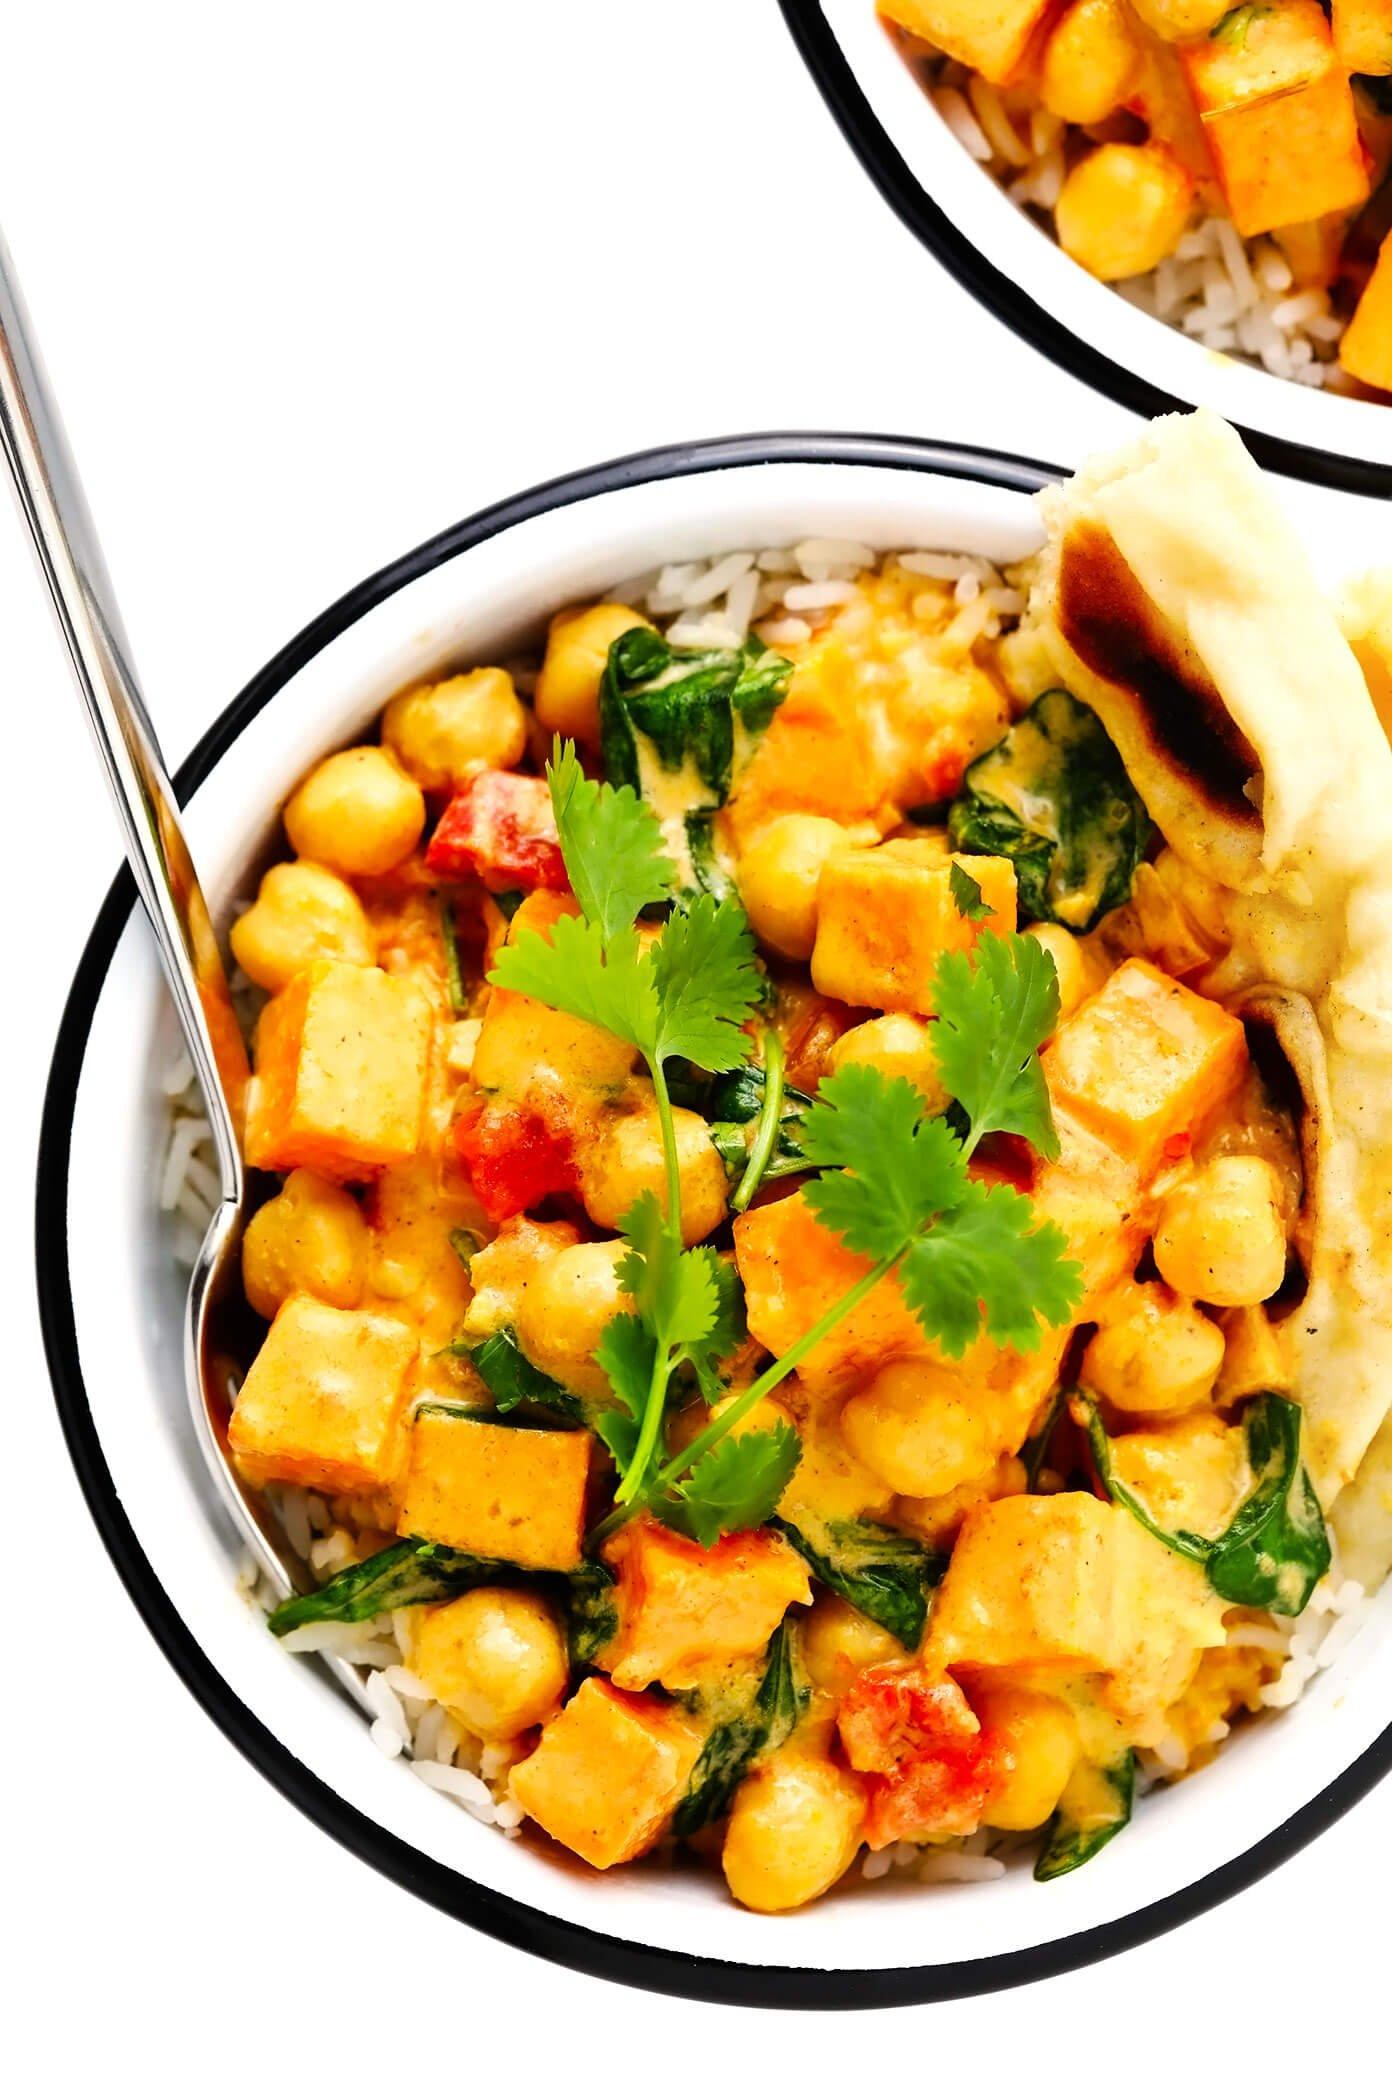 Batata doce grão de bico e coco curry em uma tigela com pão naan e arroz